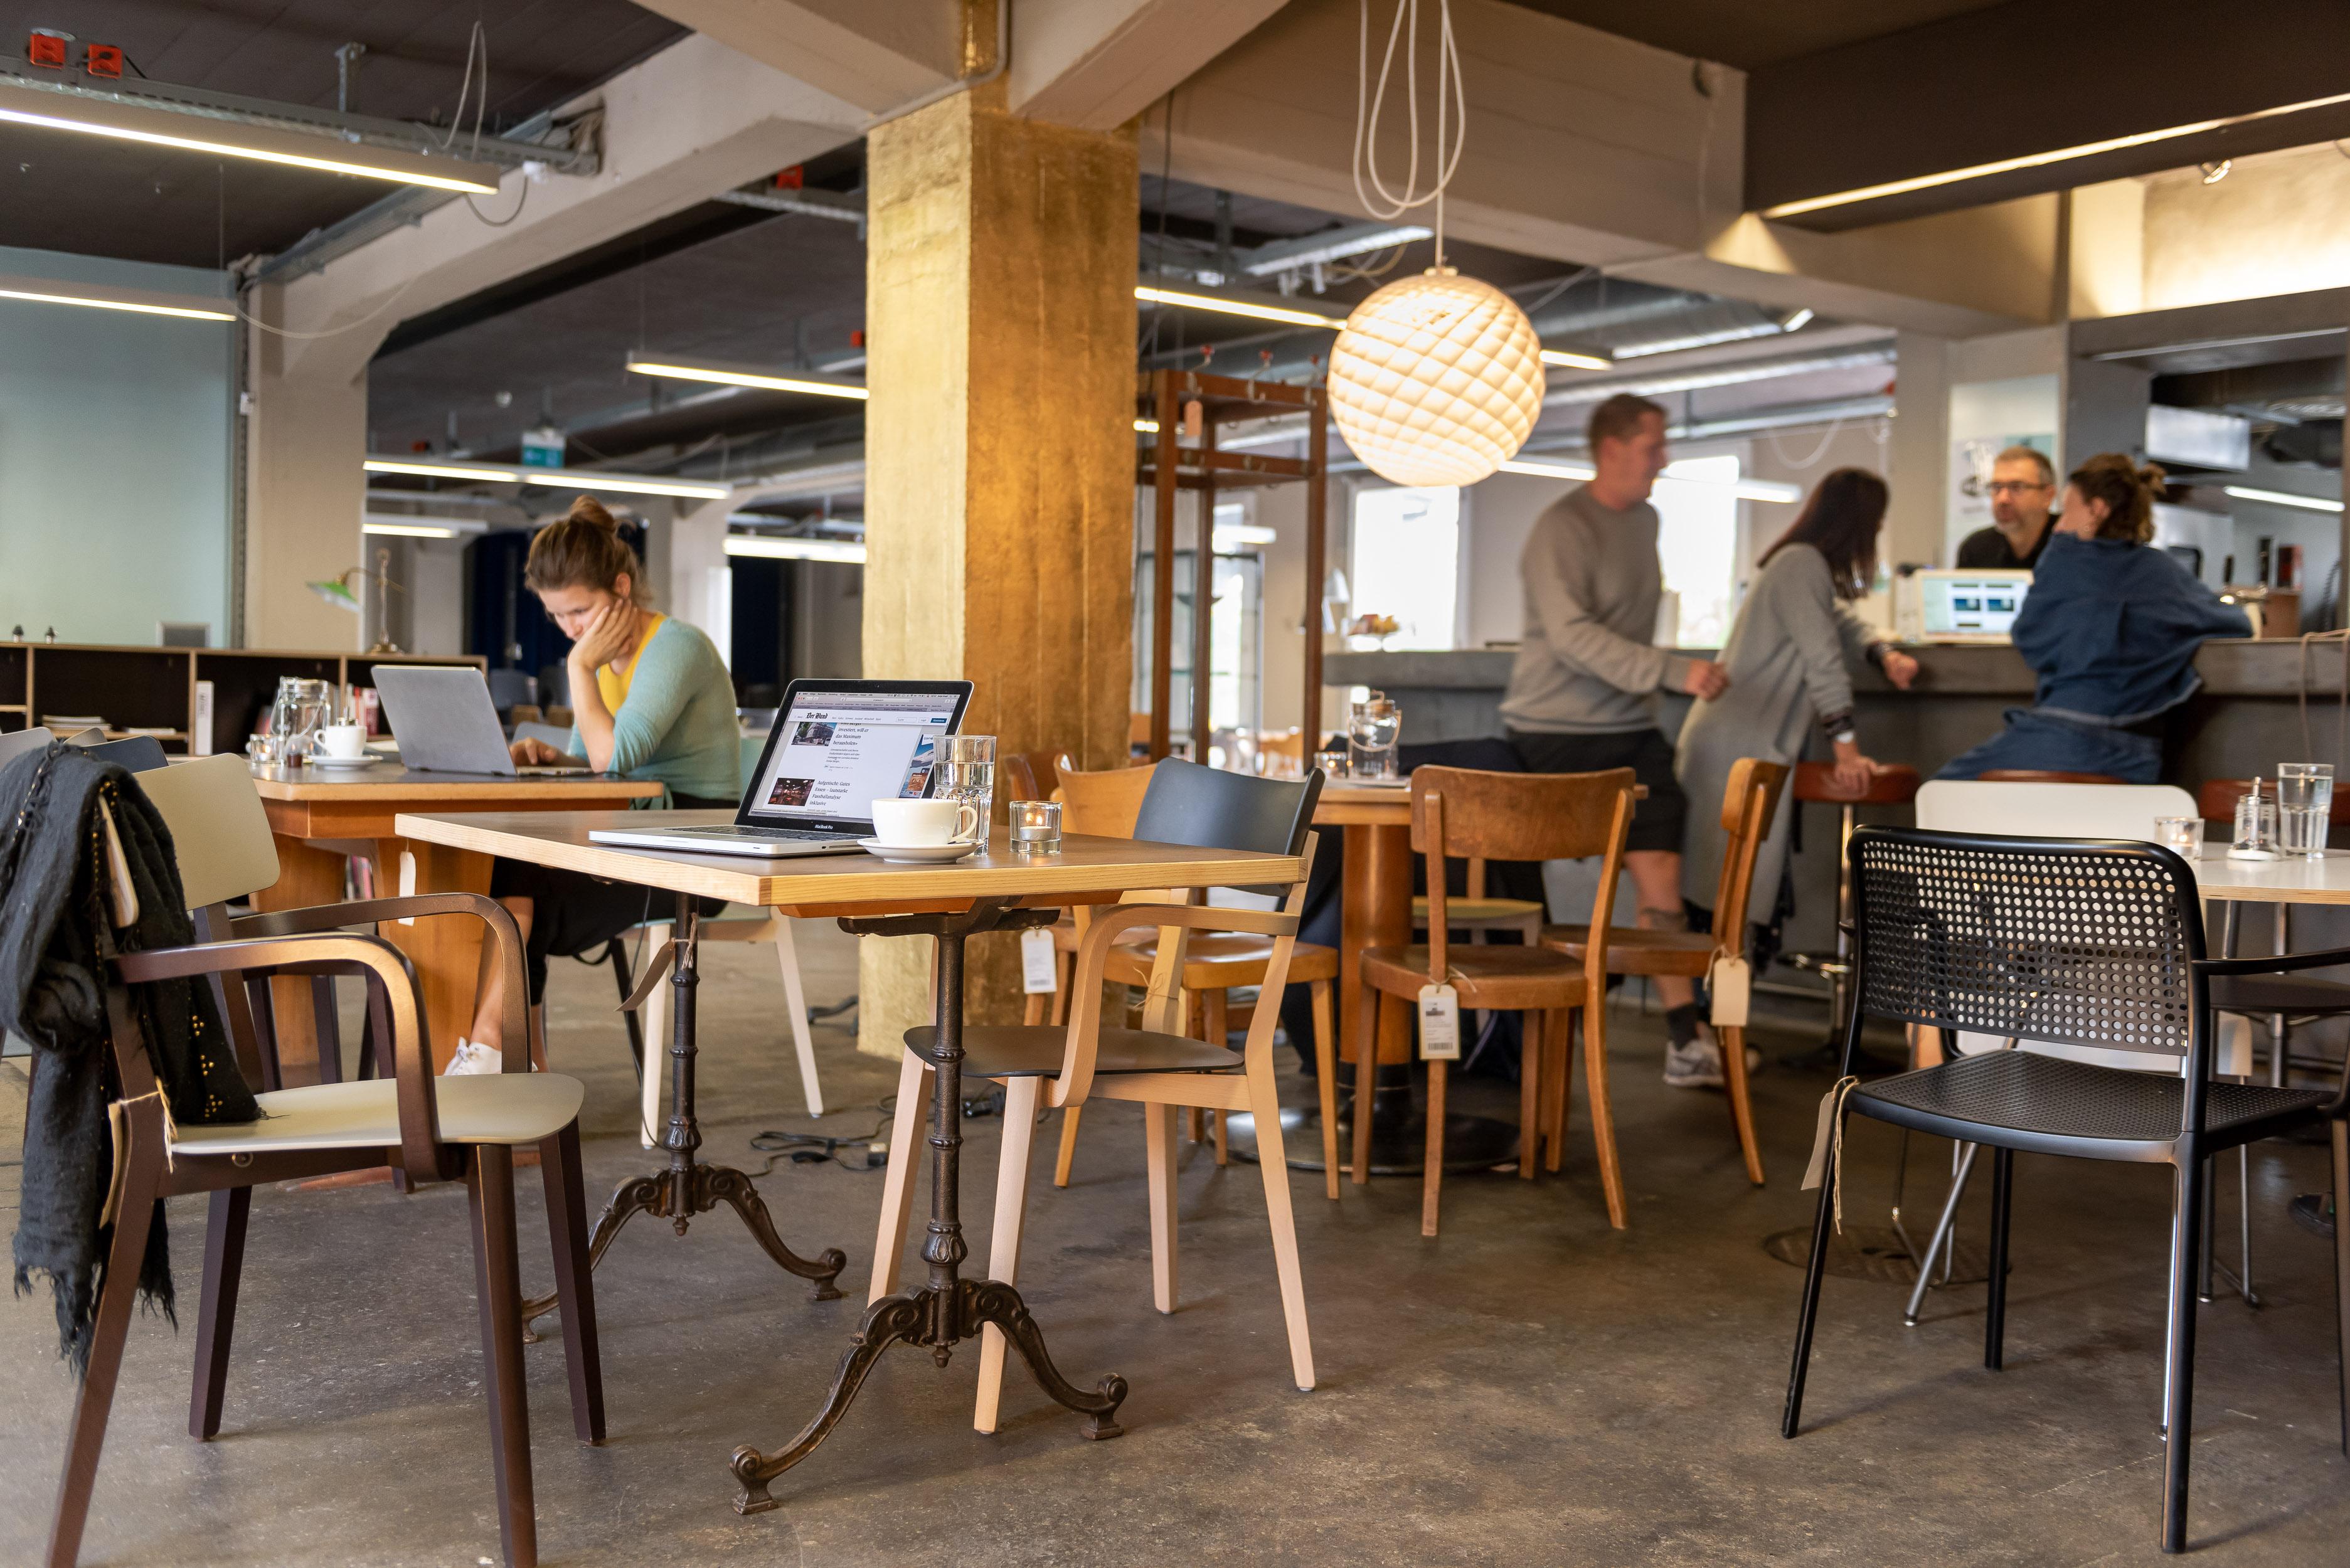 urbaner coworking space inmitten designmöbel in zollikofen